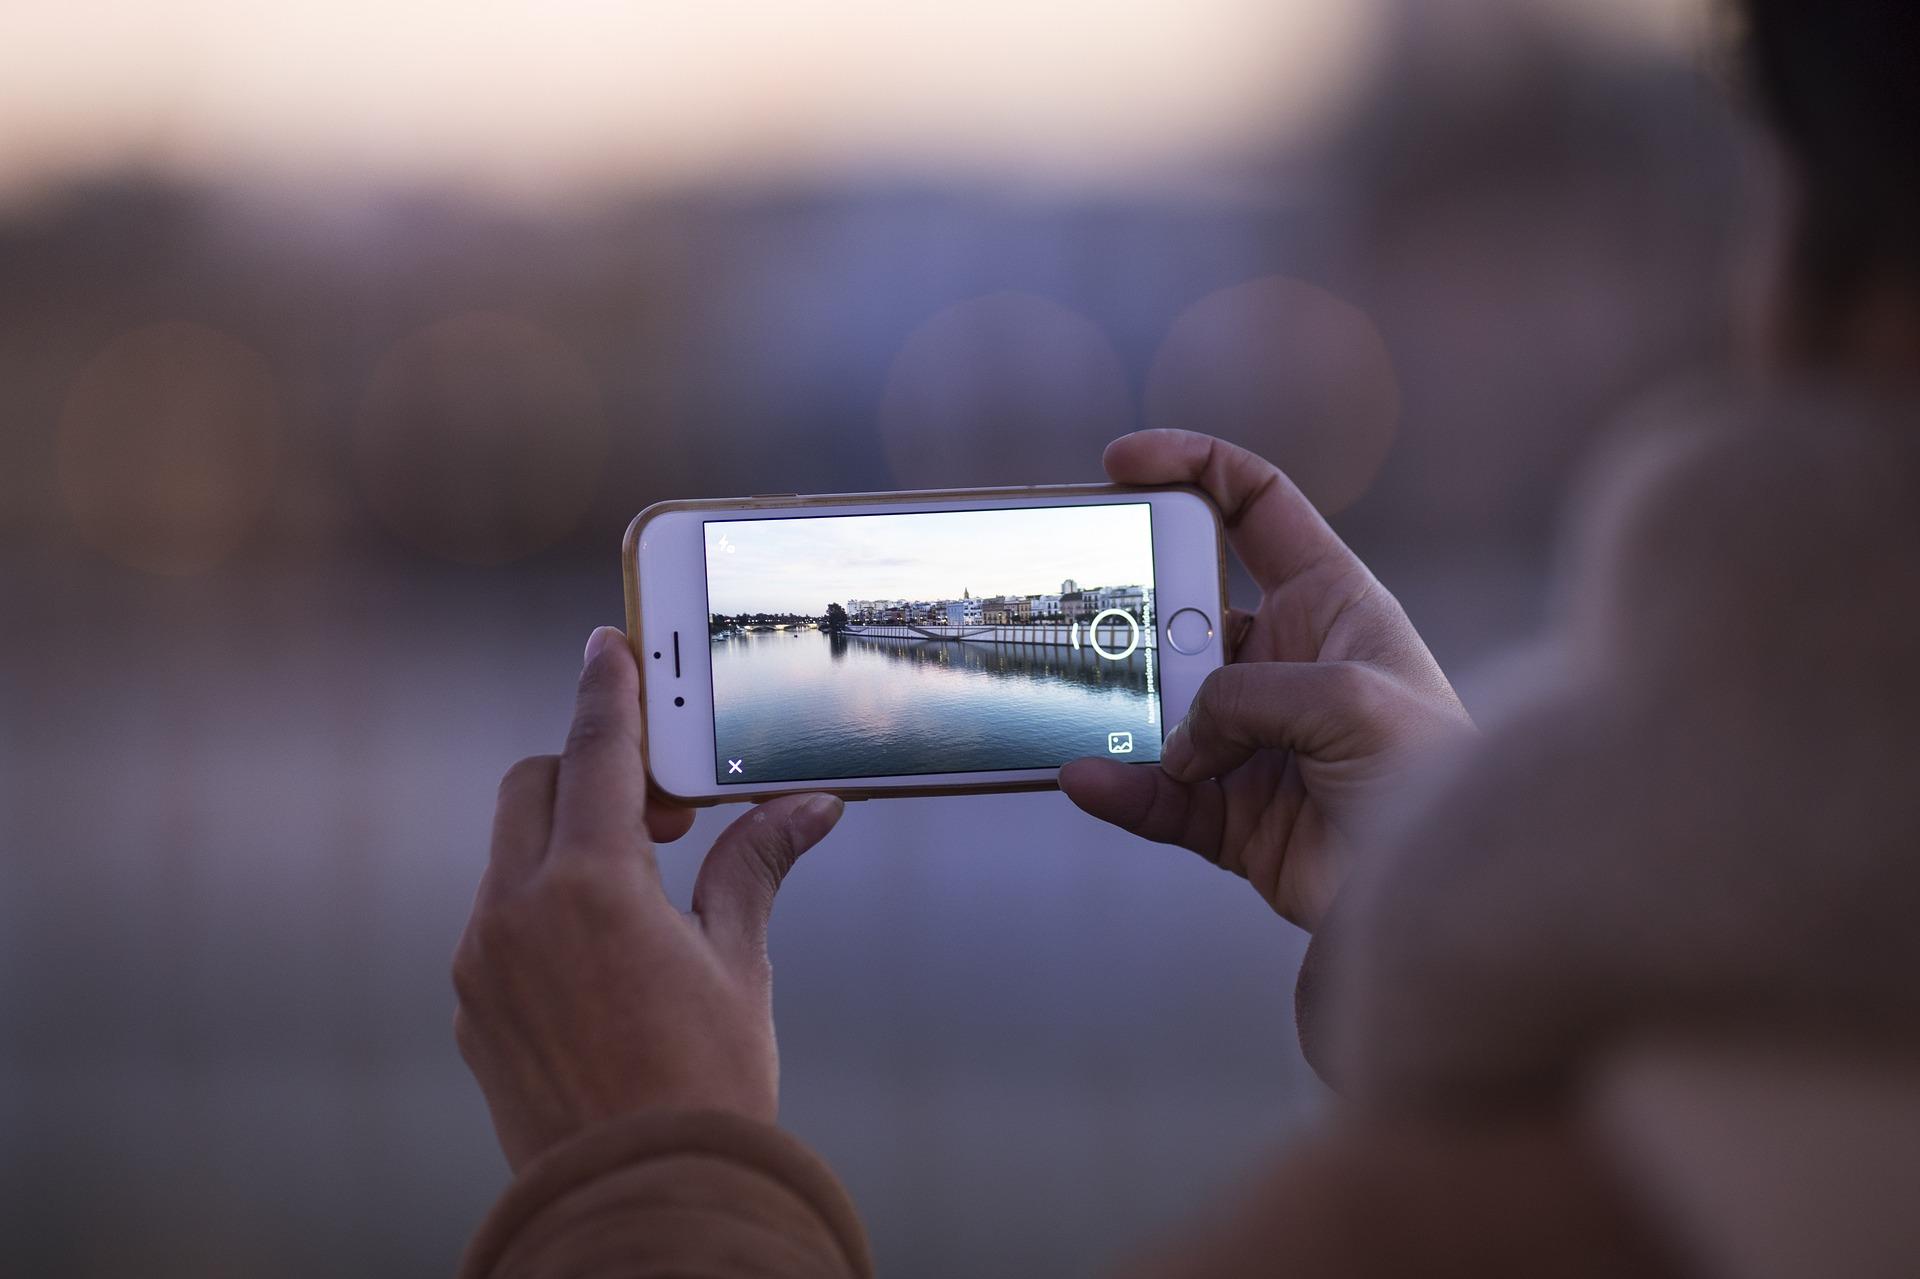 Prendre des photos avec son téléphone portable